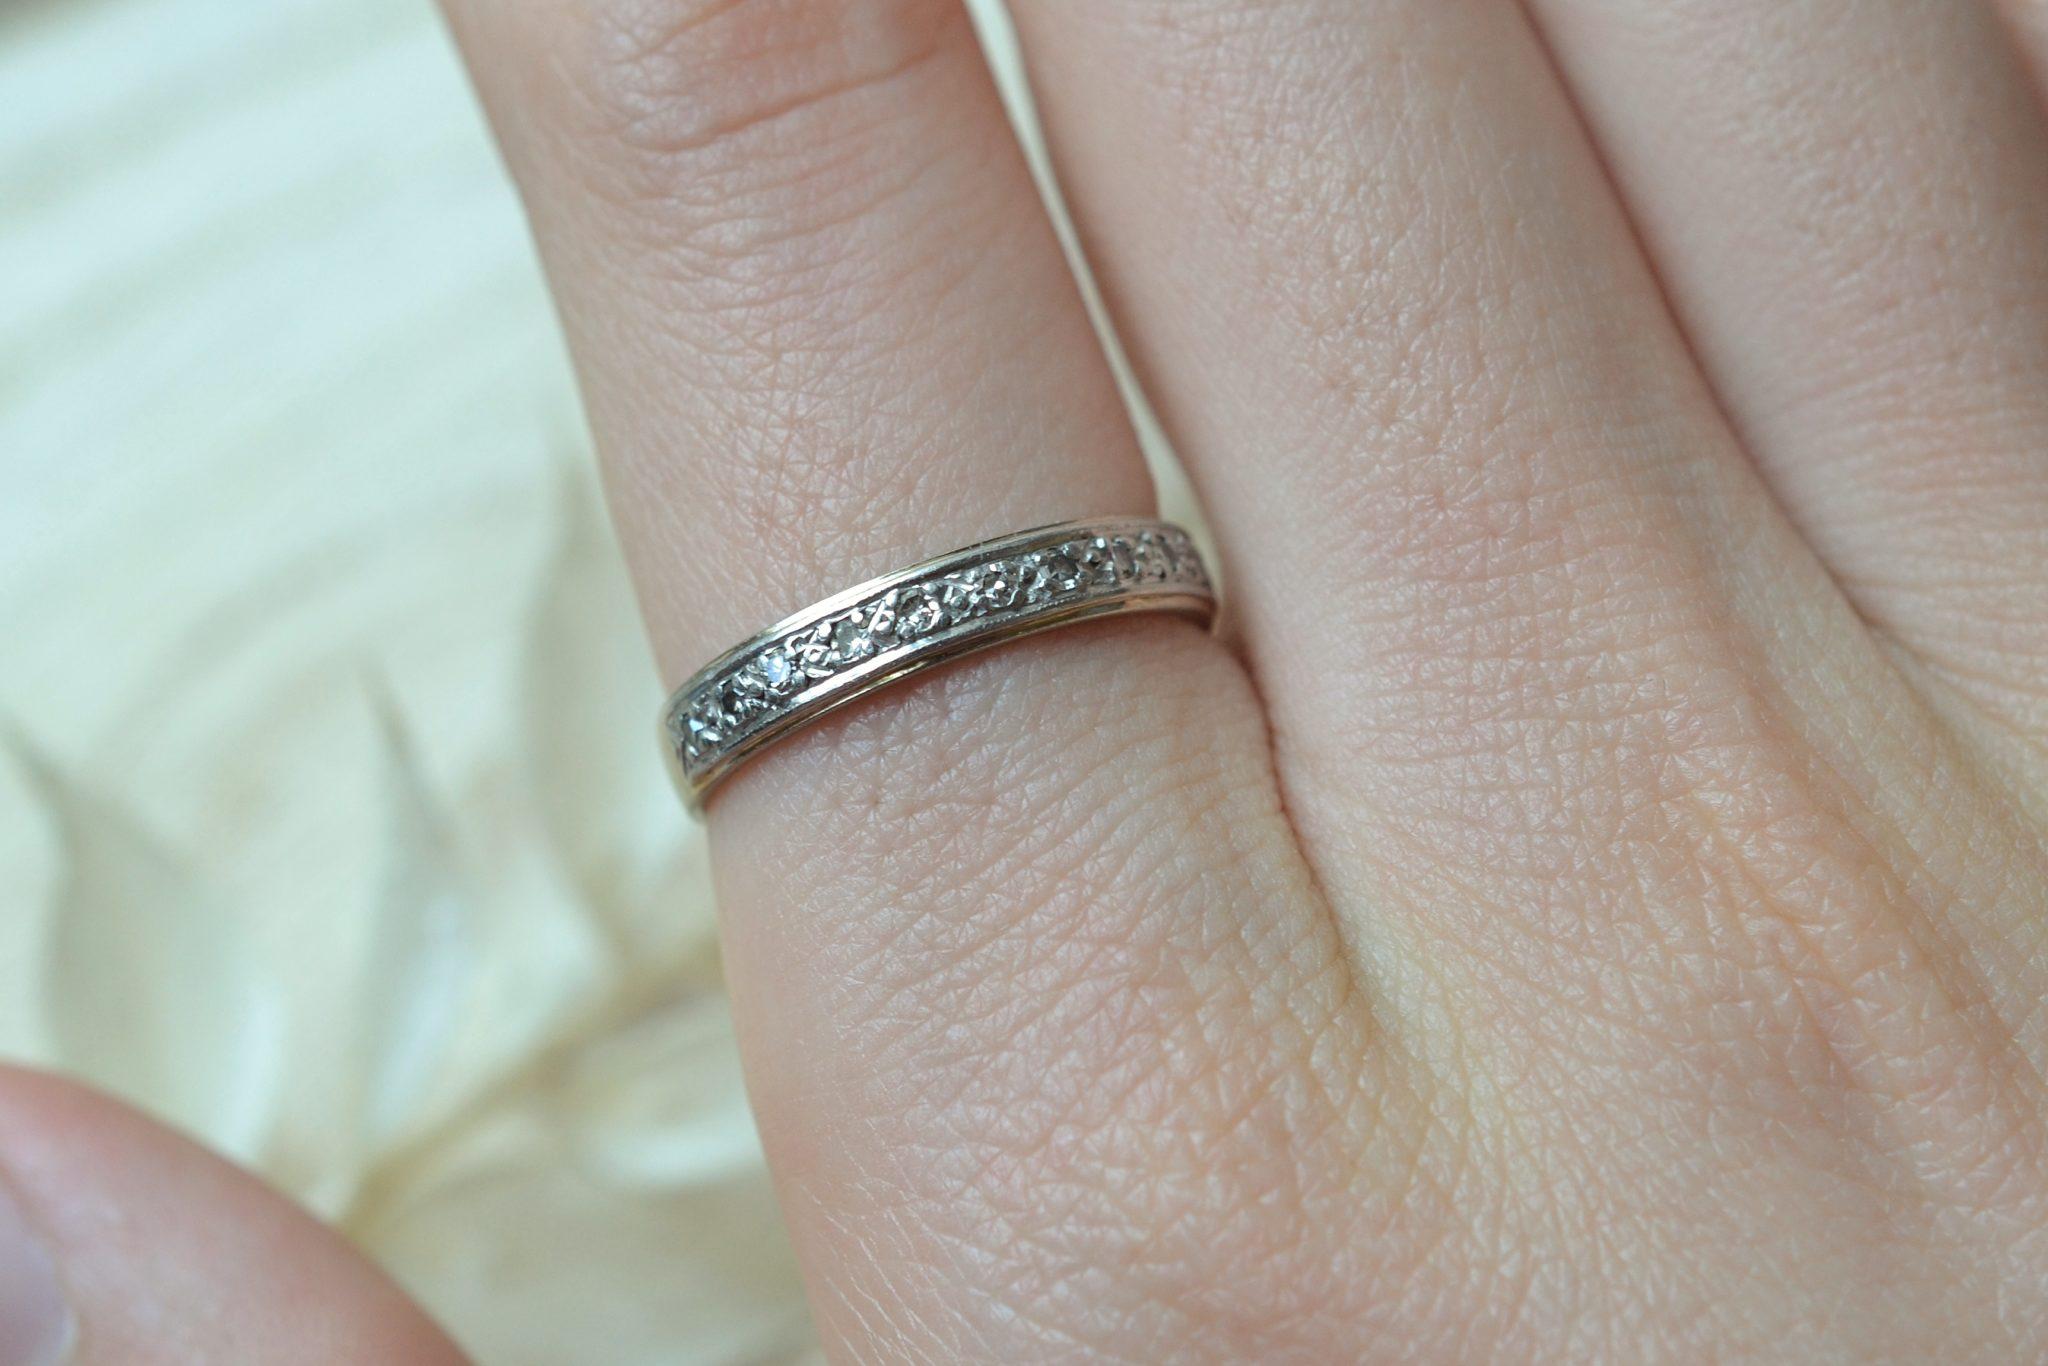 Anneau en platine et Or blanc orné de diamants 8_8 - bague rétro